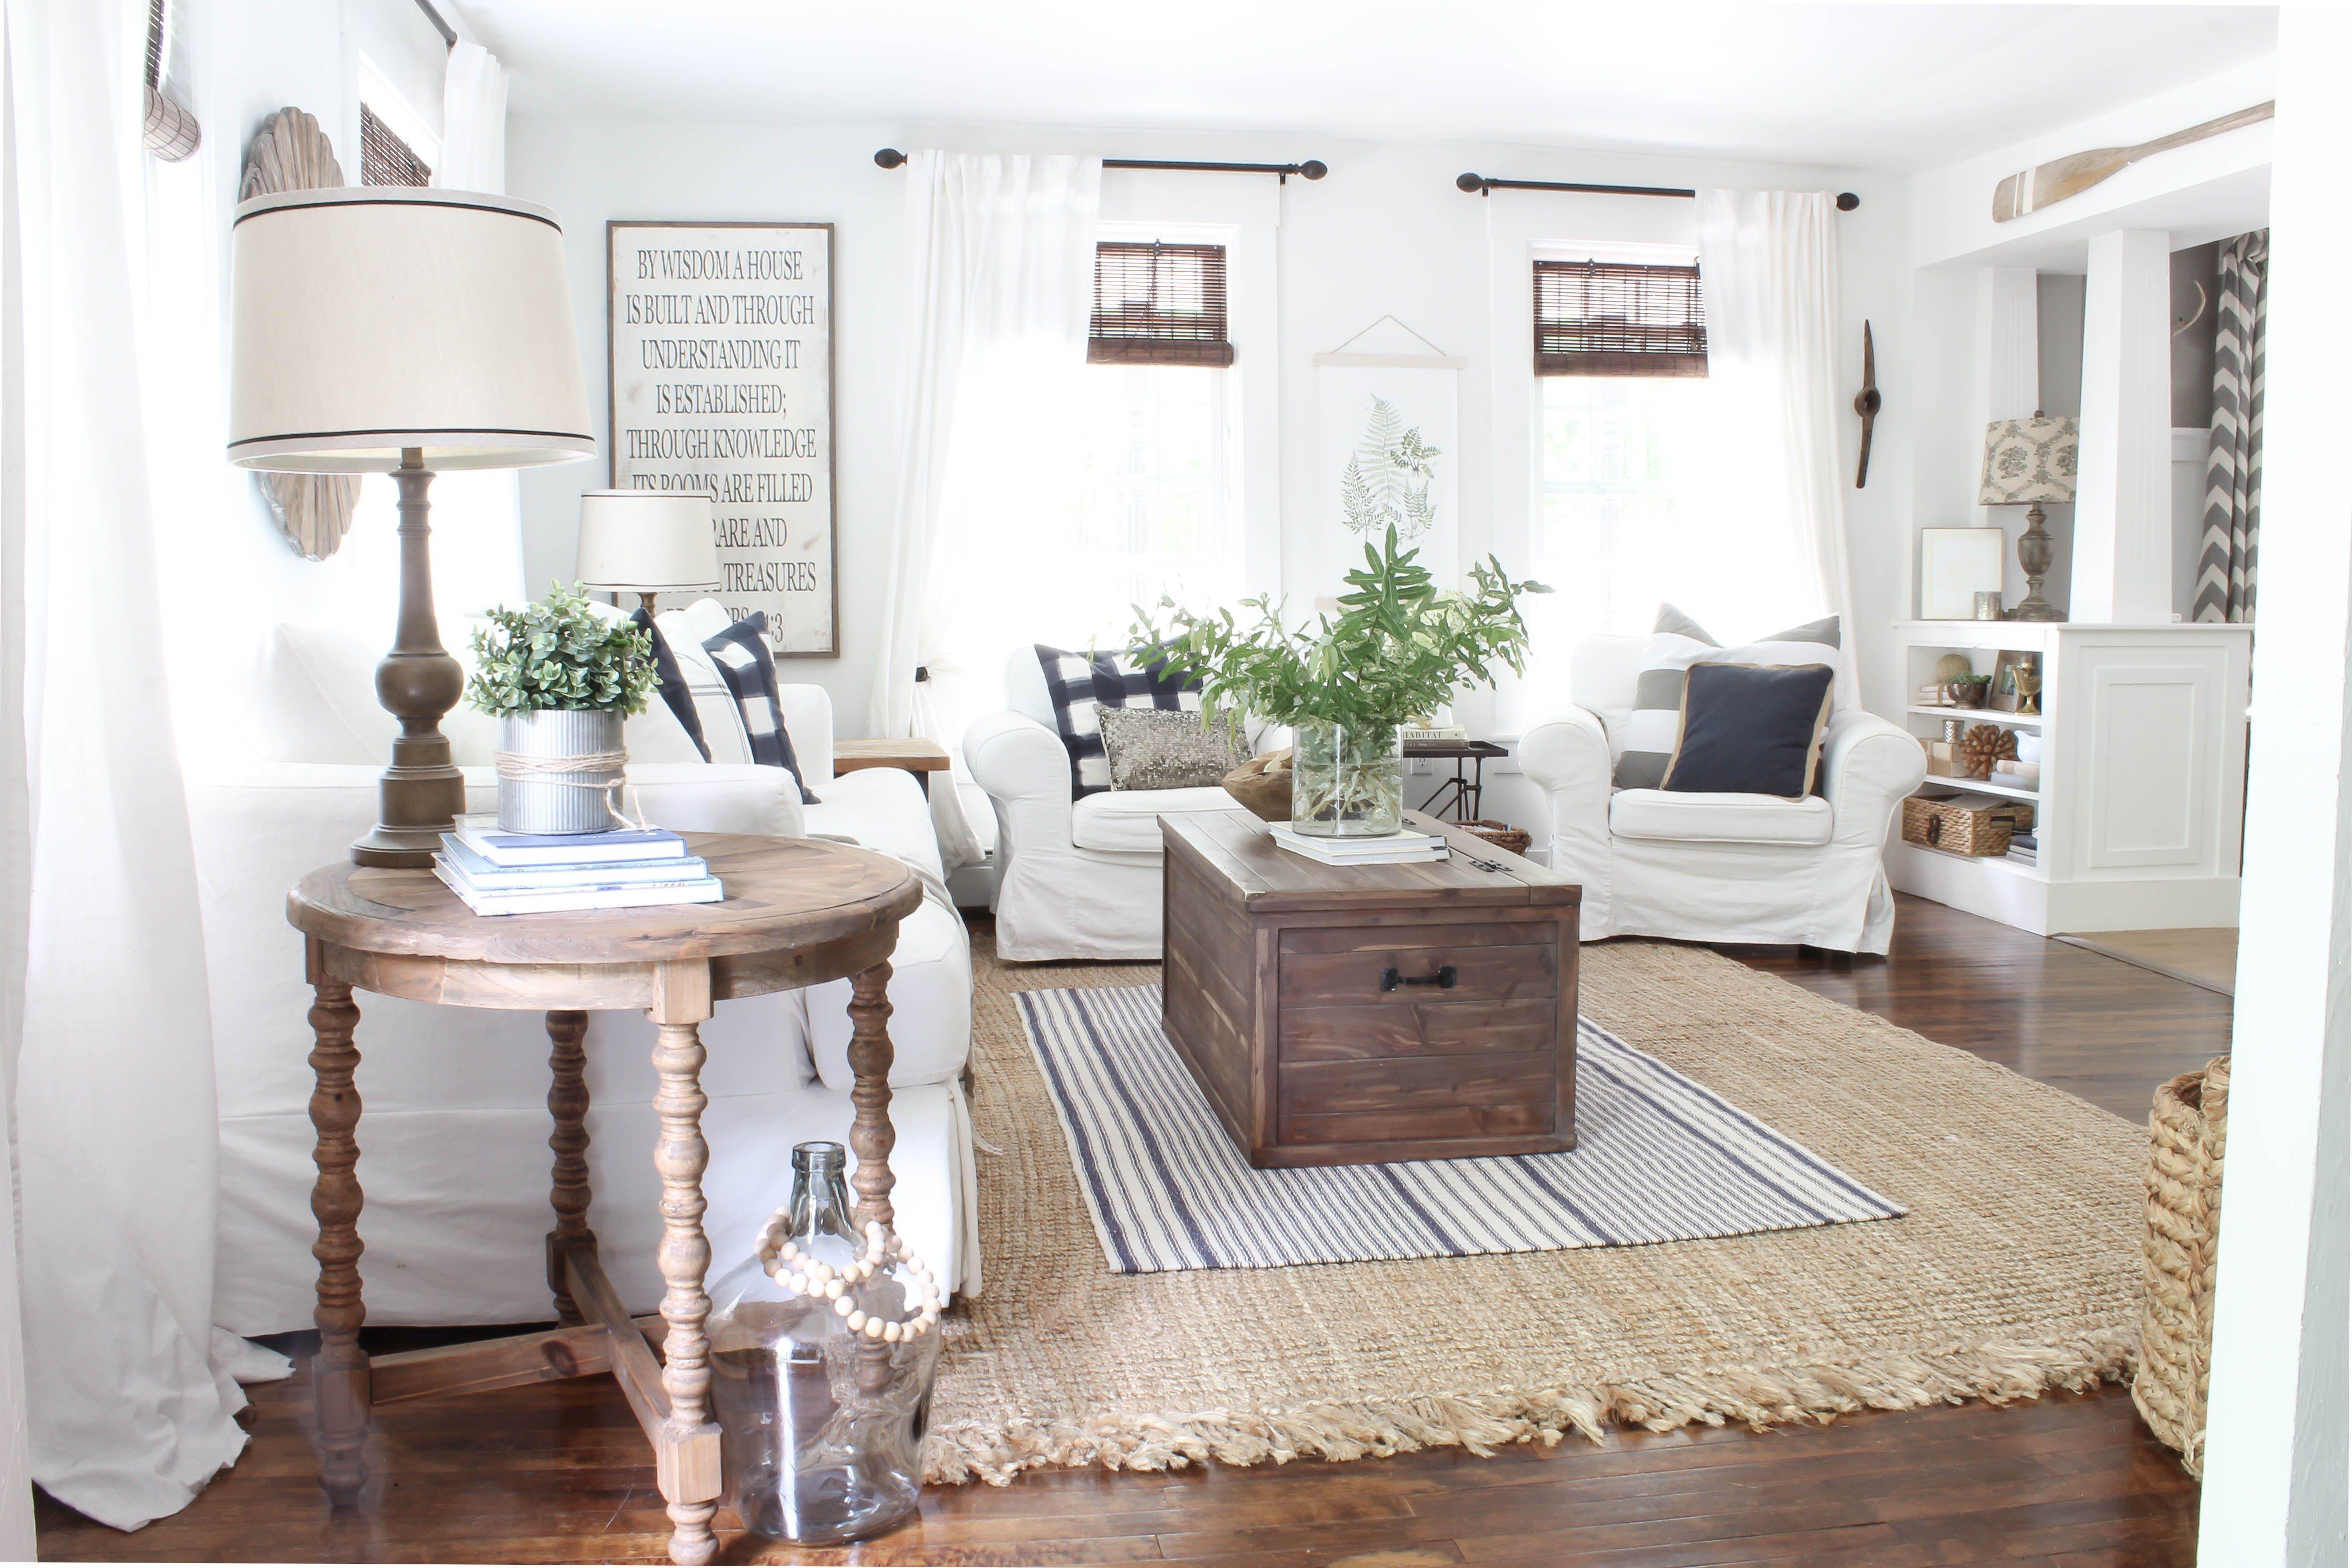 Interieur farbgestaltung des raumes weiße lackfarben räume die es richtig machen  top diy posts